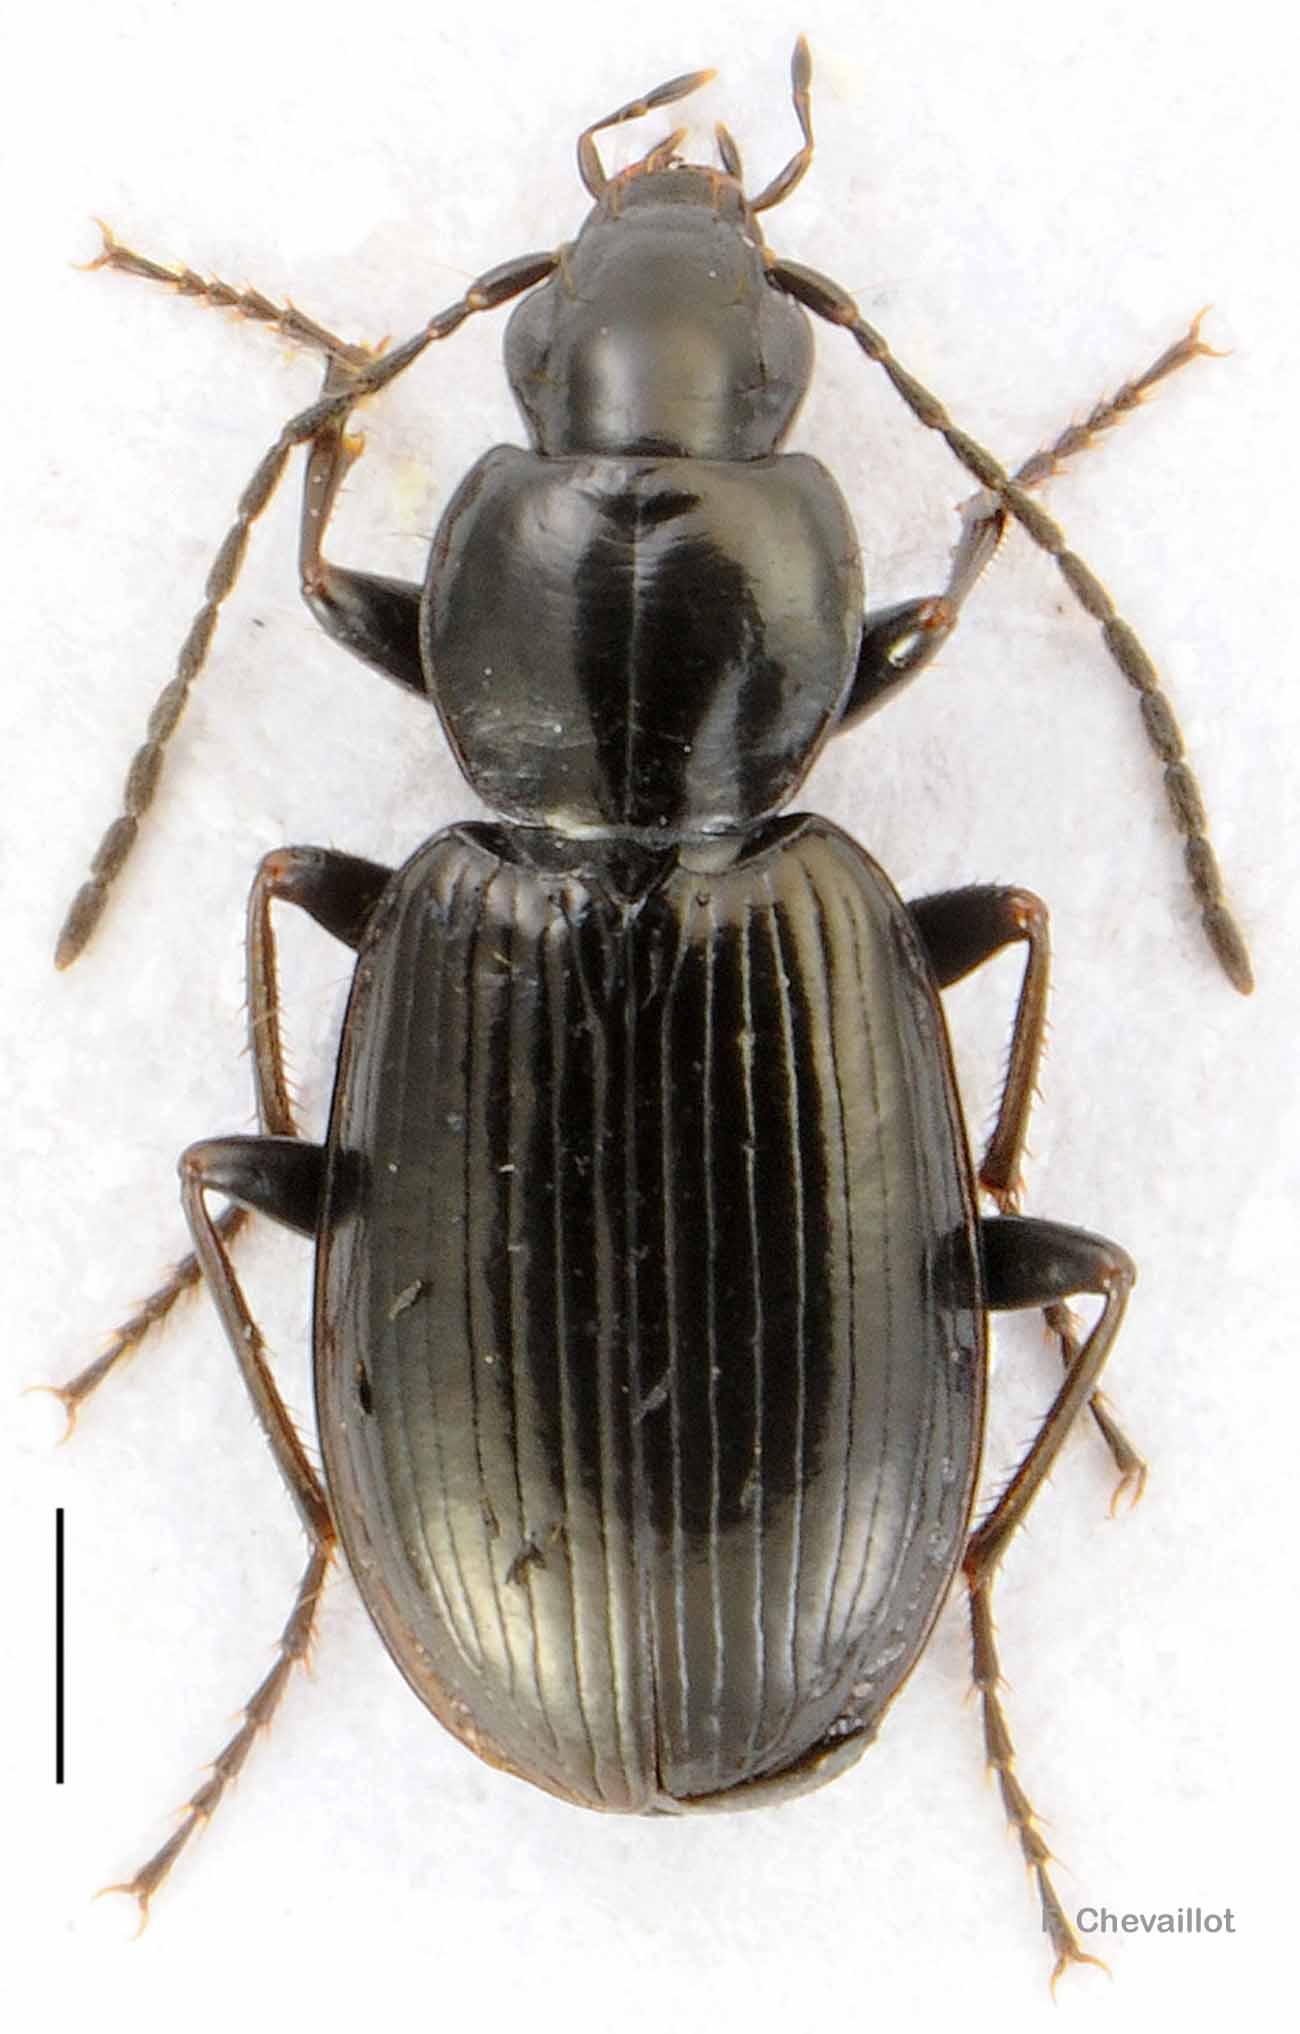 Agonum fuliginosum